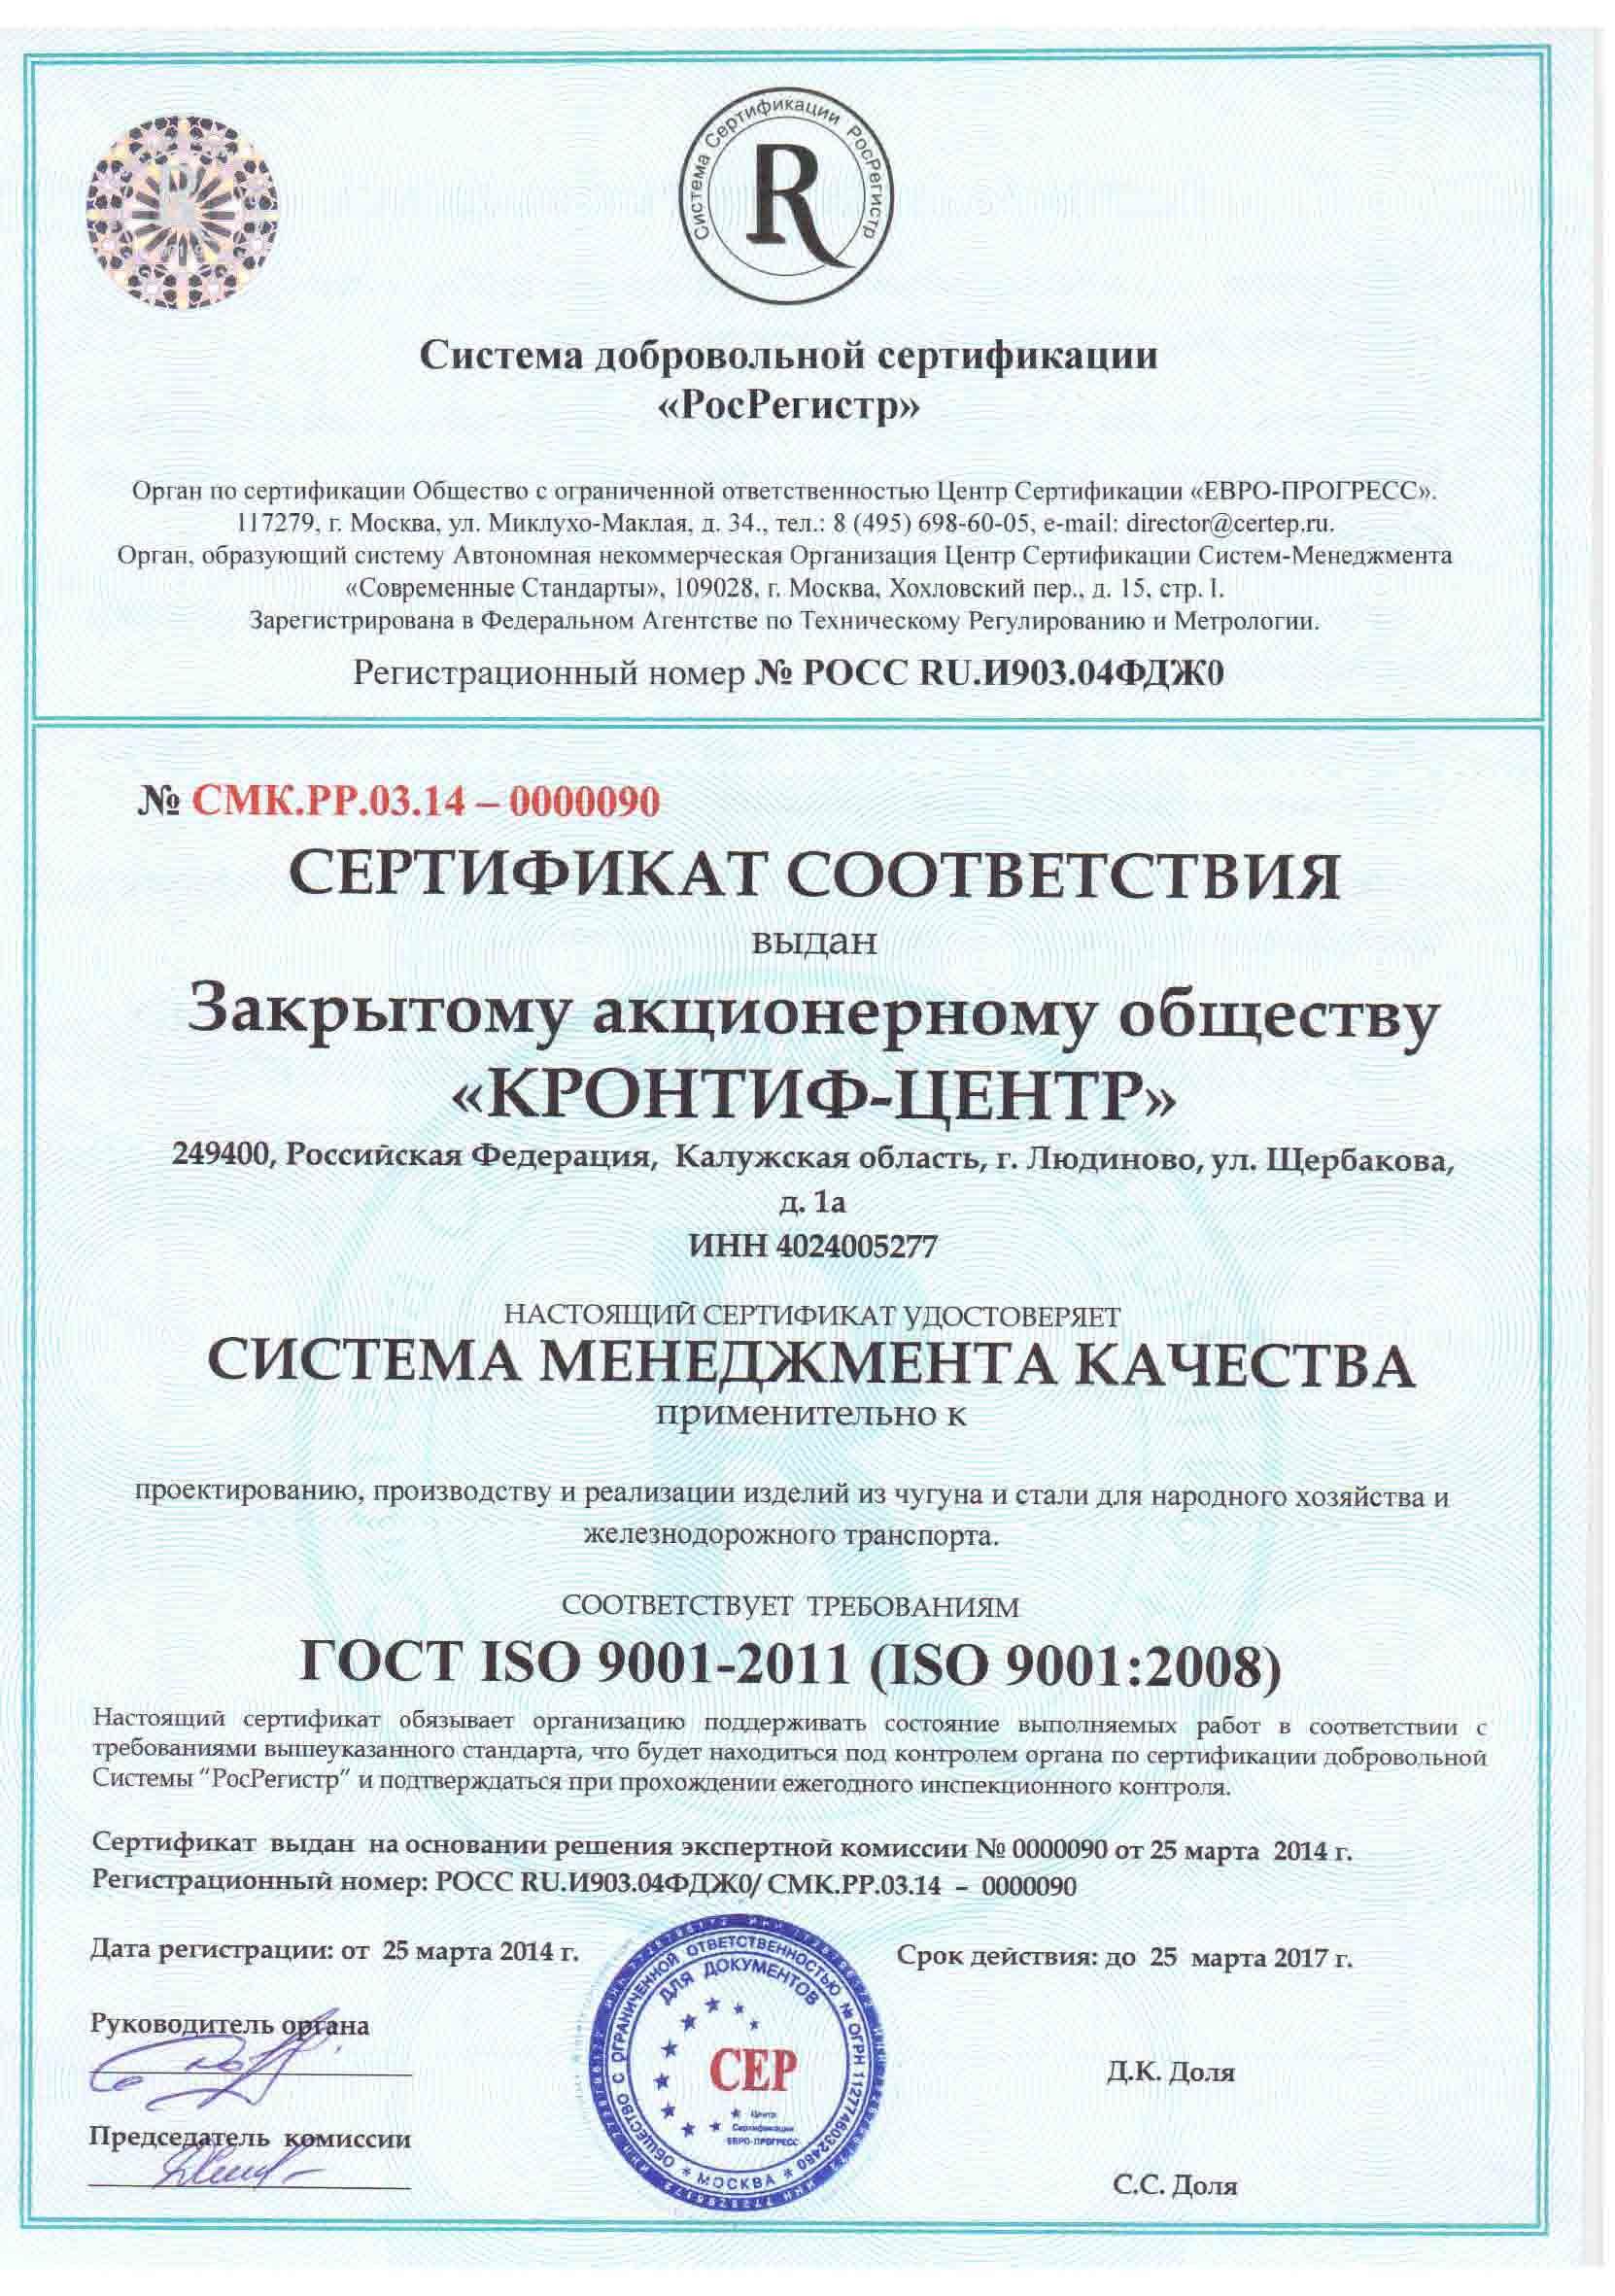 Сертификация системы менеджмента качества iso 9001 гост iso 9001-2011 сертификация по в алматы